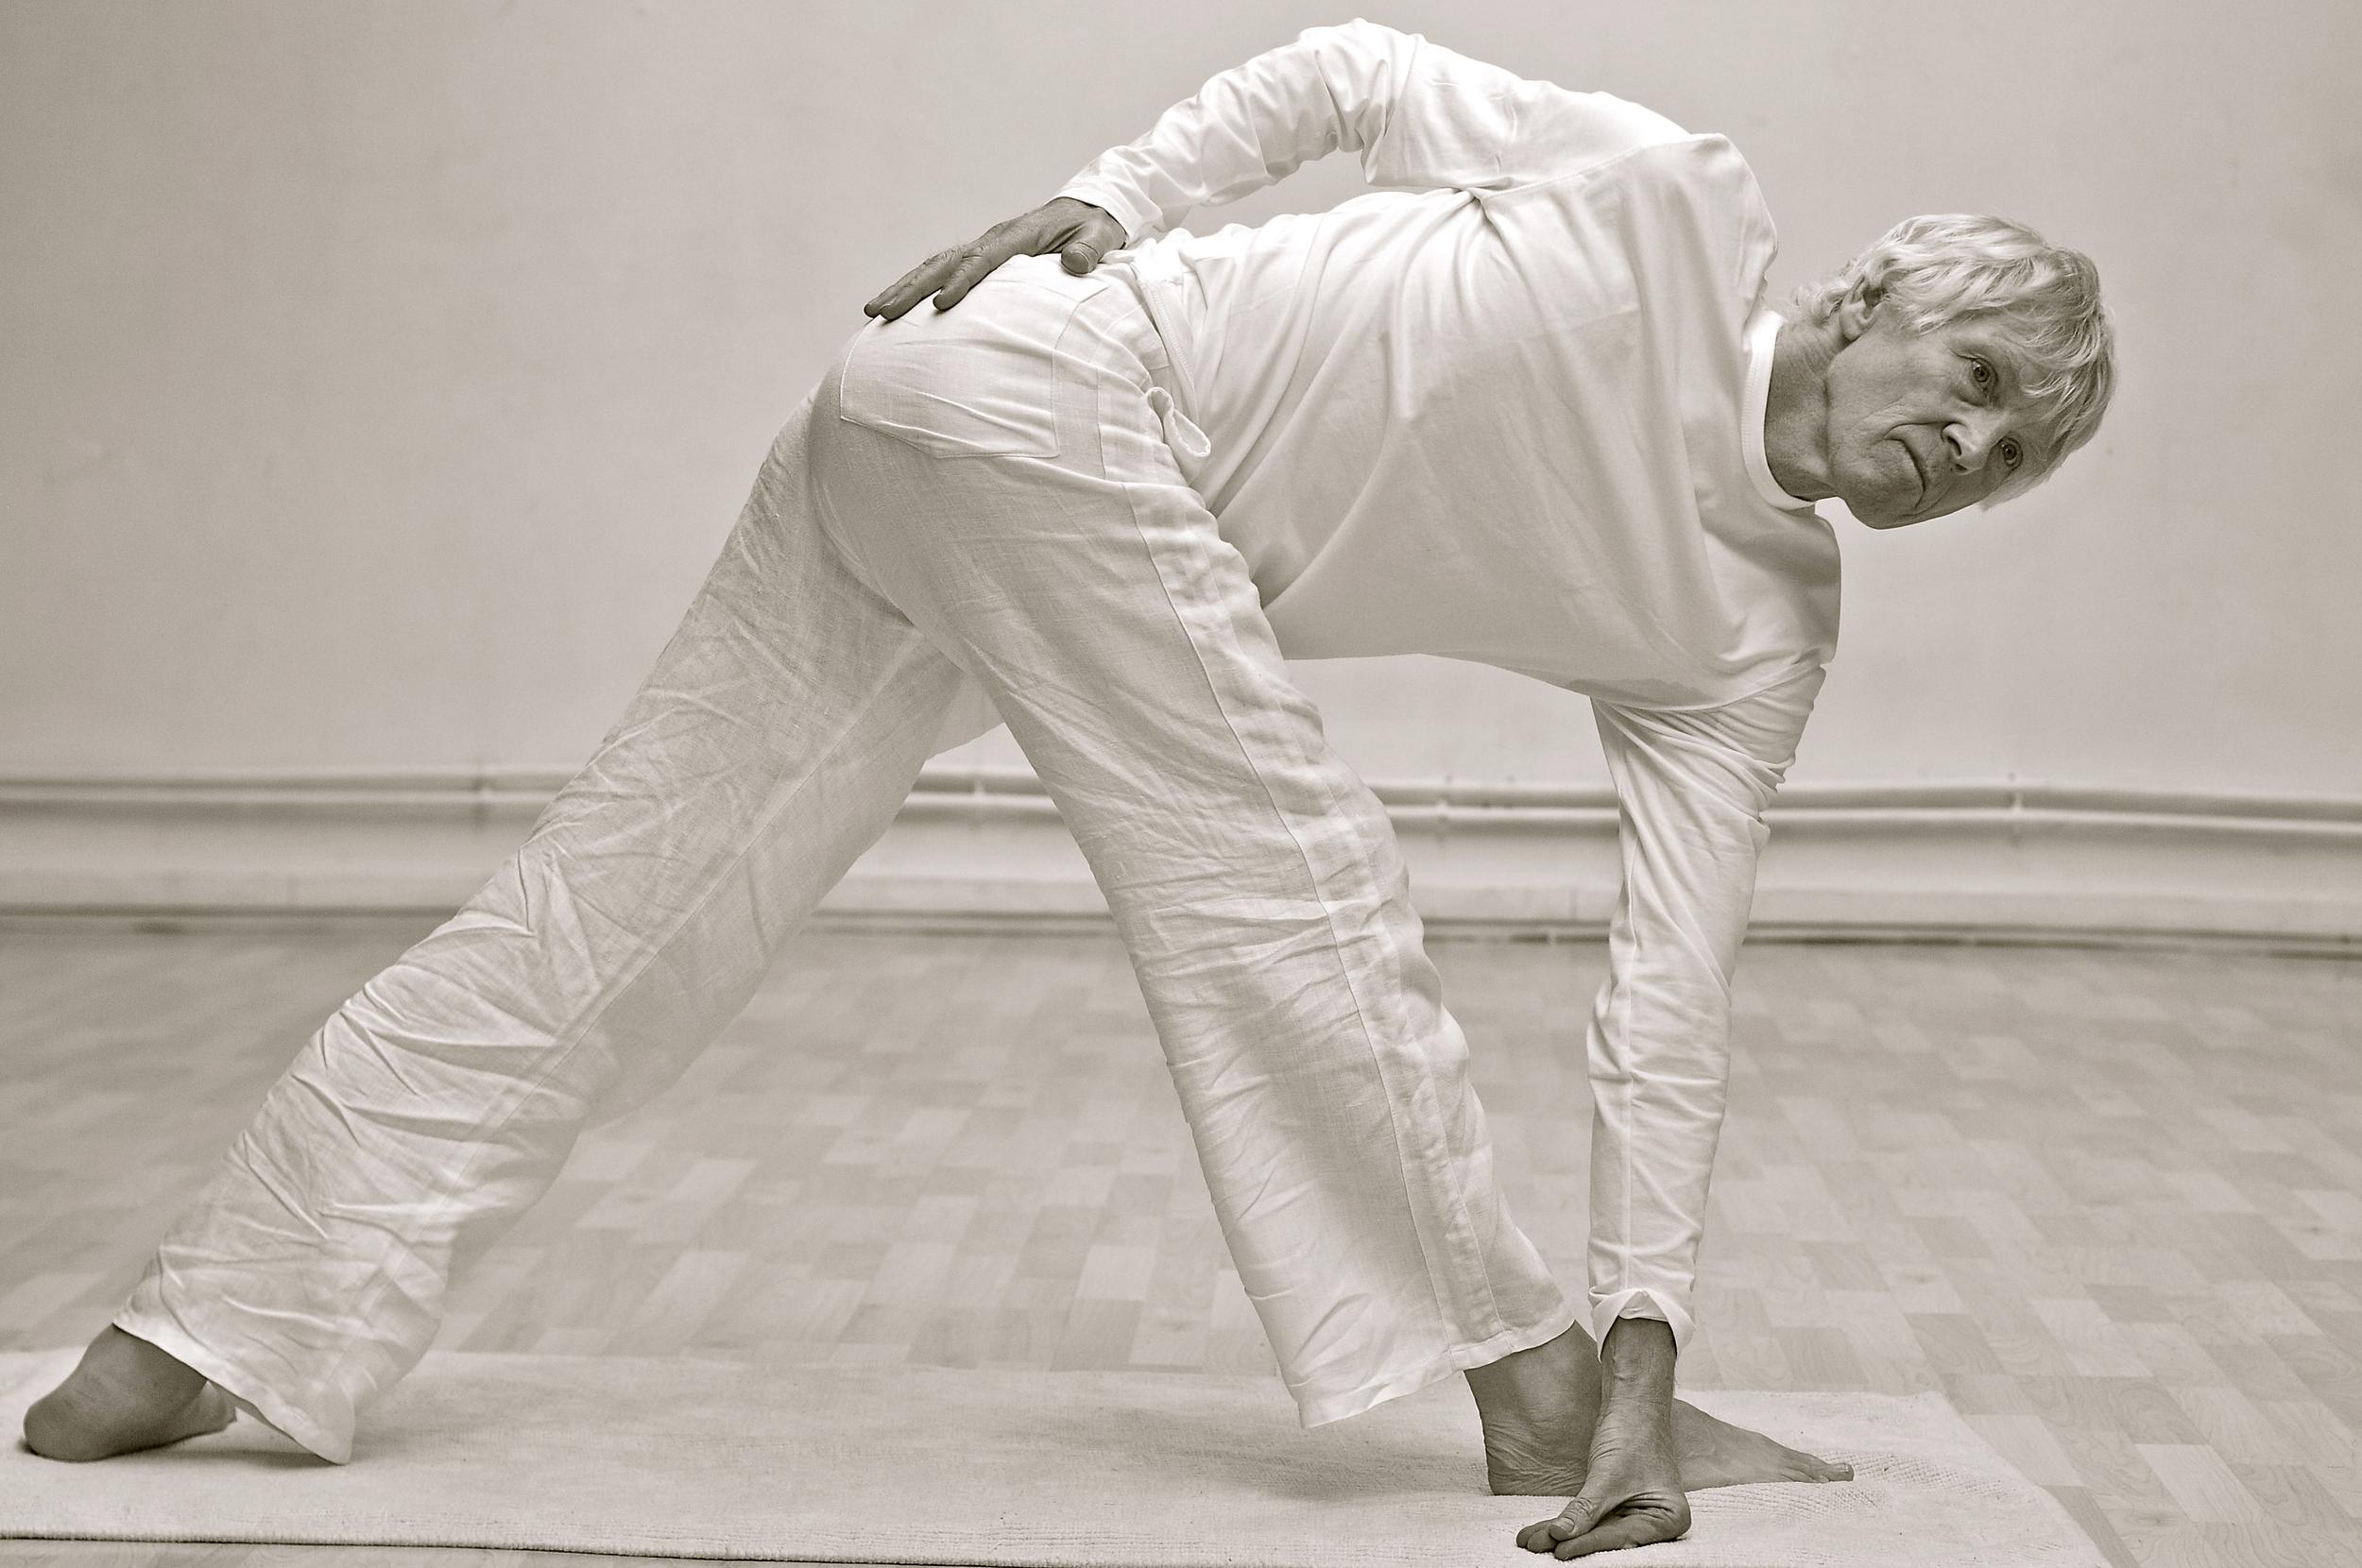 koos-zondervan-yoga-cachemire.jpg